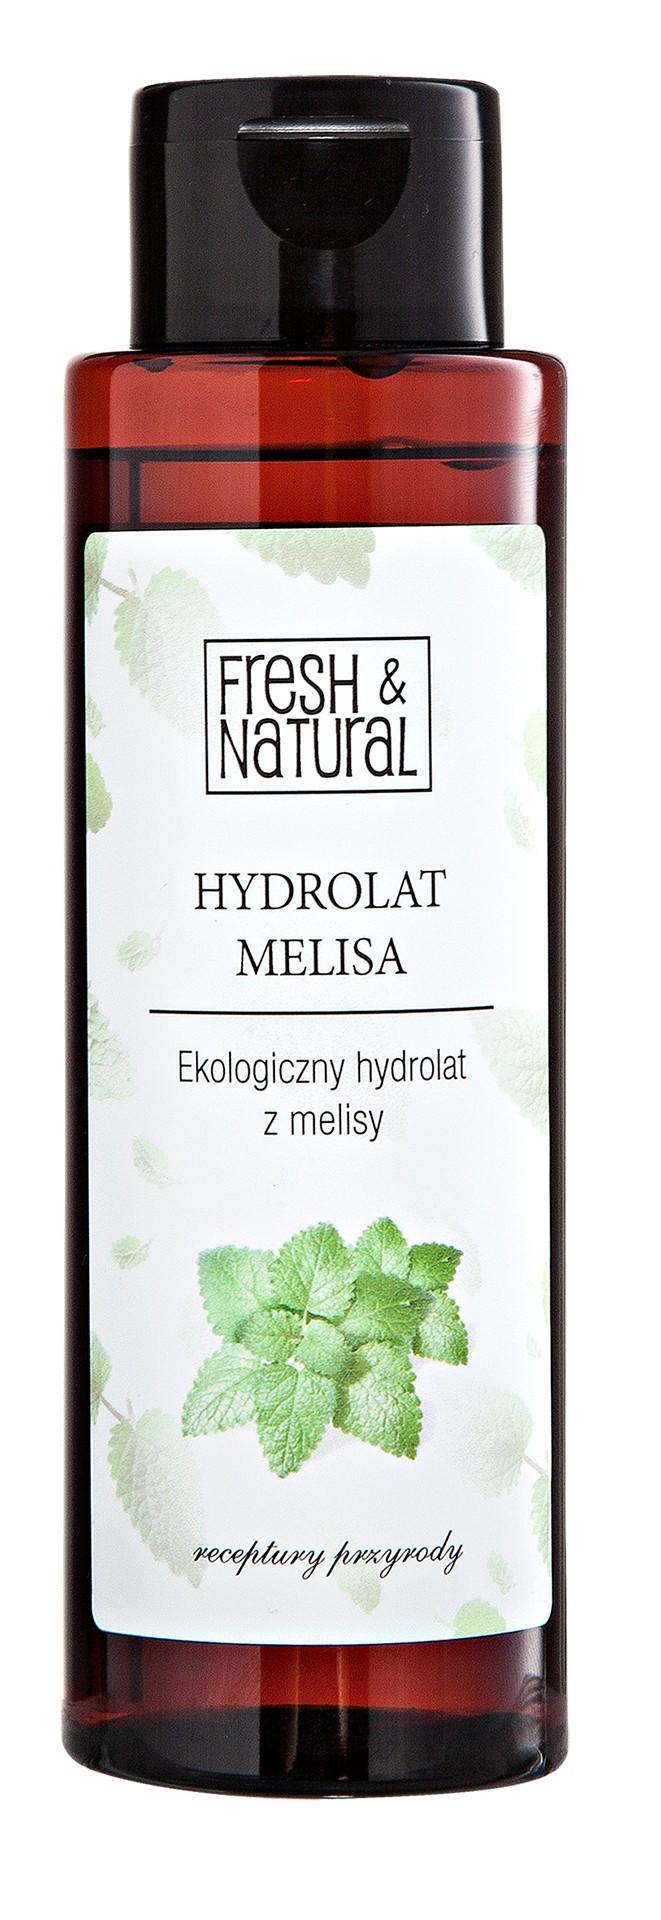 HYDROLAT MELISA 200ml